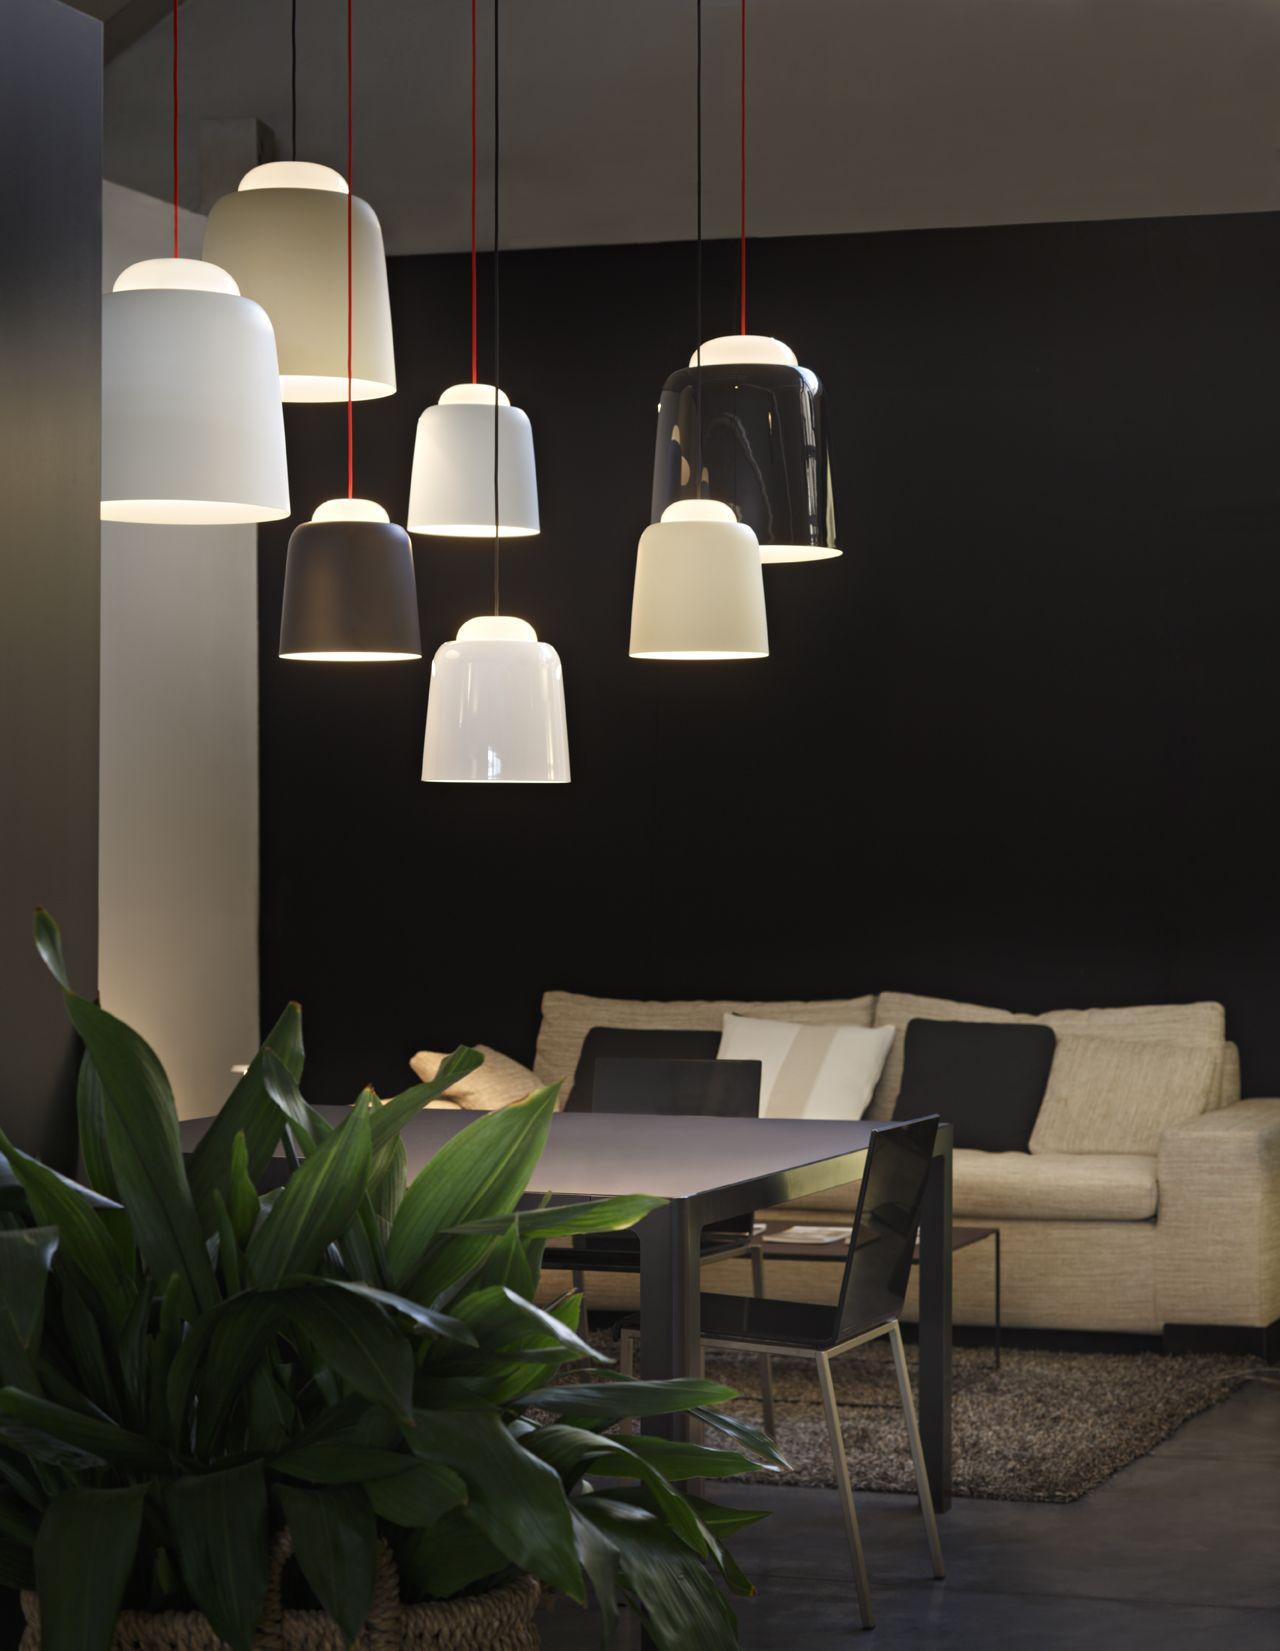 Prandina illuminazione design lampade moderne lampade da for Imitazioni lampade design